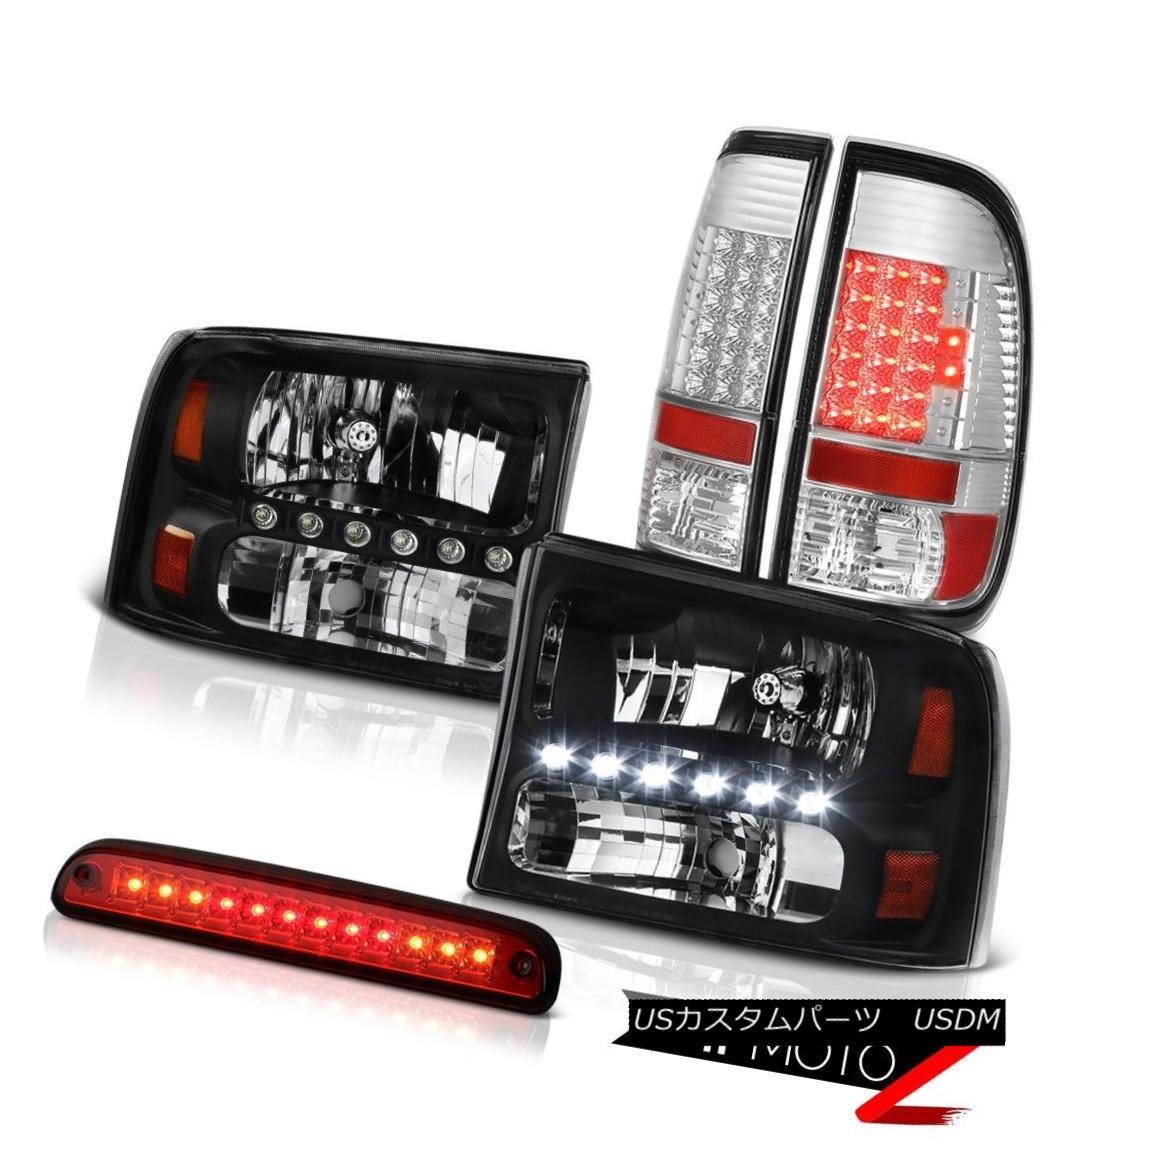 ヘッドライト 1999-2004 F350 7.3L Black Headlights BRIGHTEST LED Tail Lights Wine Red Third 1999-2004 F350 7.3Lブラックヘッドライトブライトテールテールライトワインレッド3